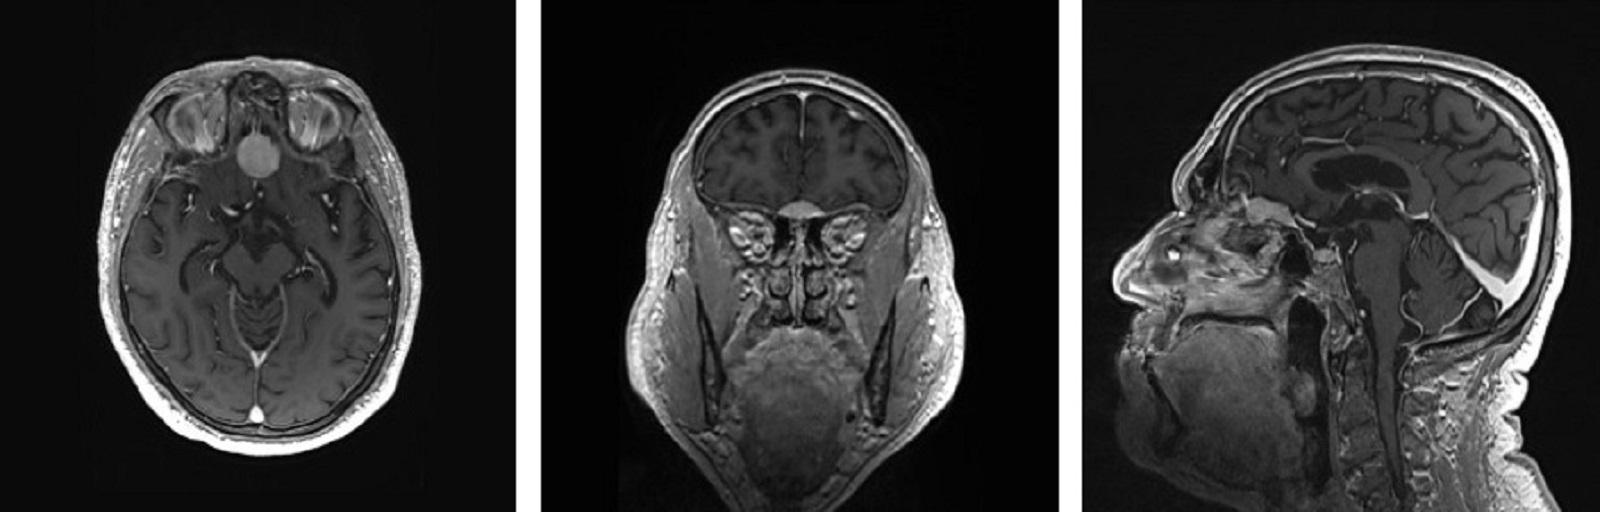 Billede af meningiomer